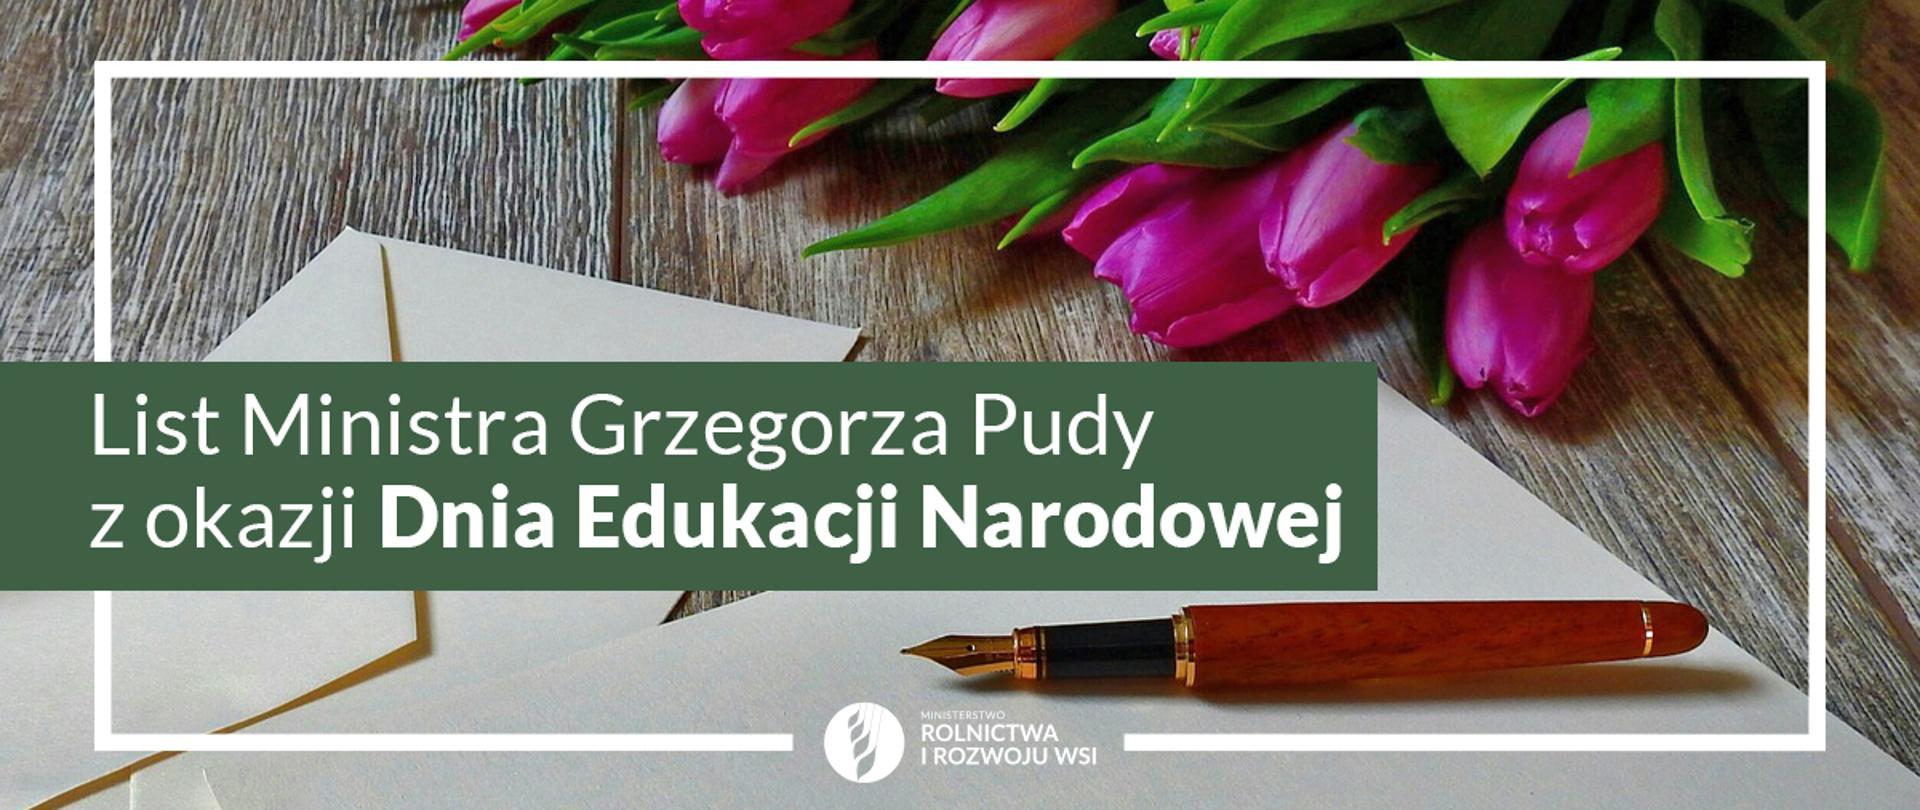 List Ministra do Nauczycieli i Pracowników Oświaty Rolniczej